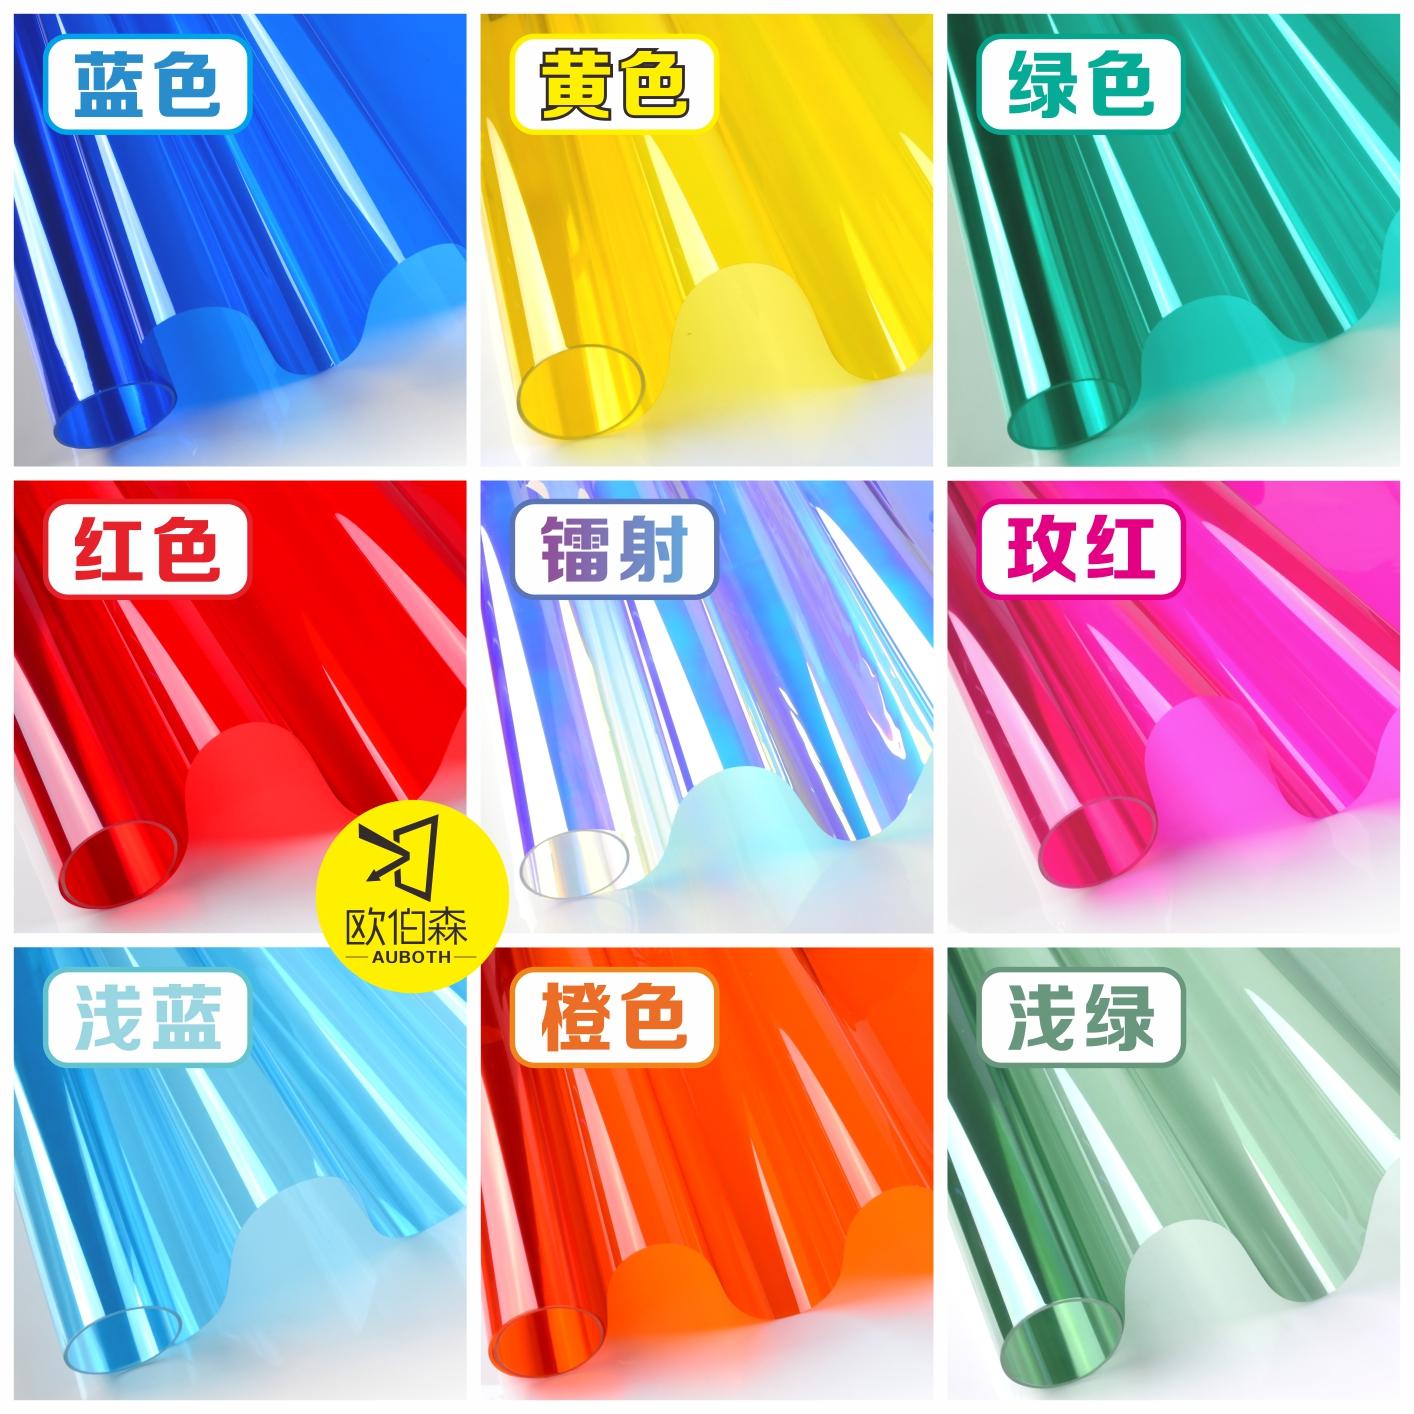 彩色贴膜玻璃纸透明透光纸装饰婚庆手工道具防晒隔热炫彩镭射窗纸